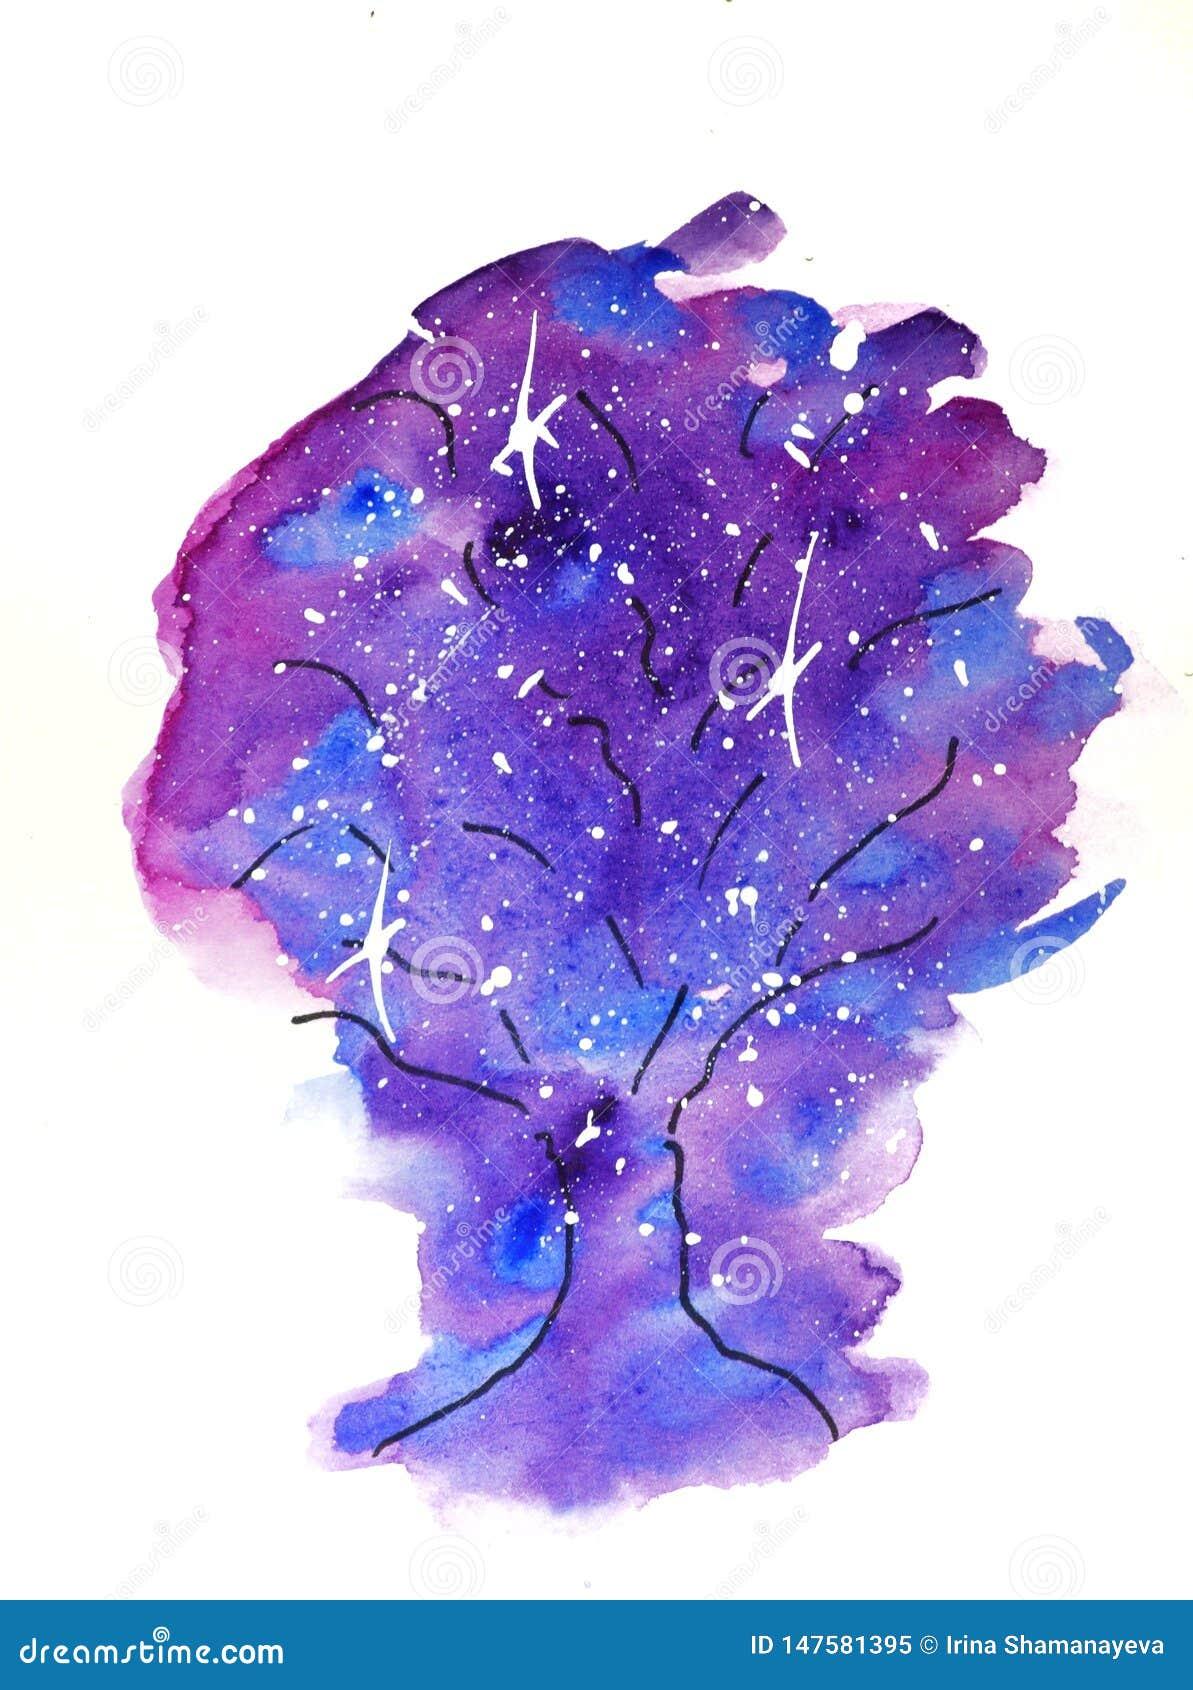 Vattenf?rgen skissar illustrationen, tatueringstil: kontur av ett tr?d mot en bakgrund av rosa och lila fl?ckar, som kosmos med